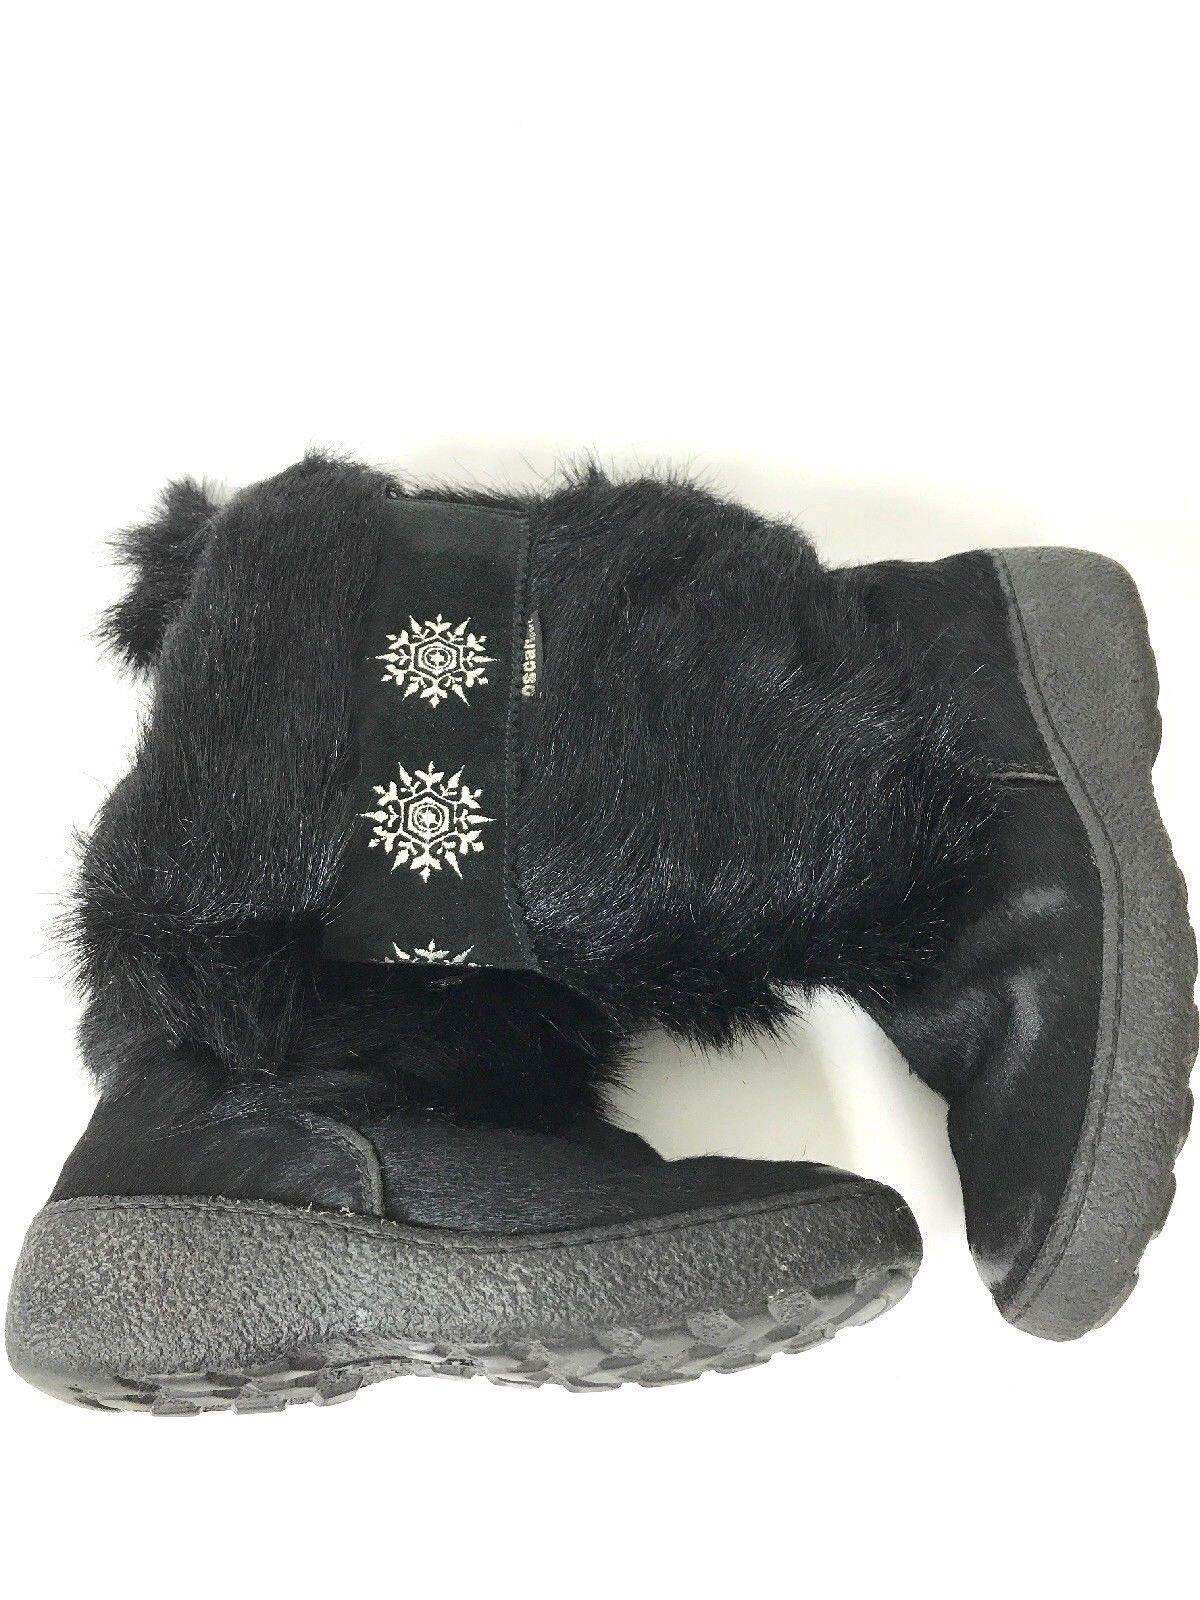 Oscar Sport Negro Negro Negro botas De Piel Copos de Nieve Tamaño 38 US 7.5 Made in   Ven a elegir tu propio estilo deportivo.